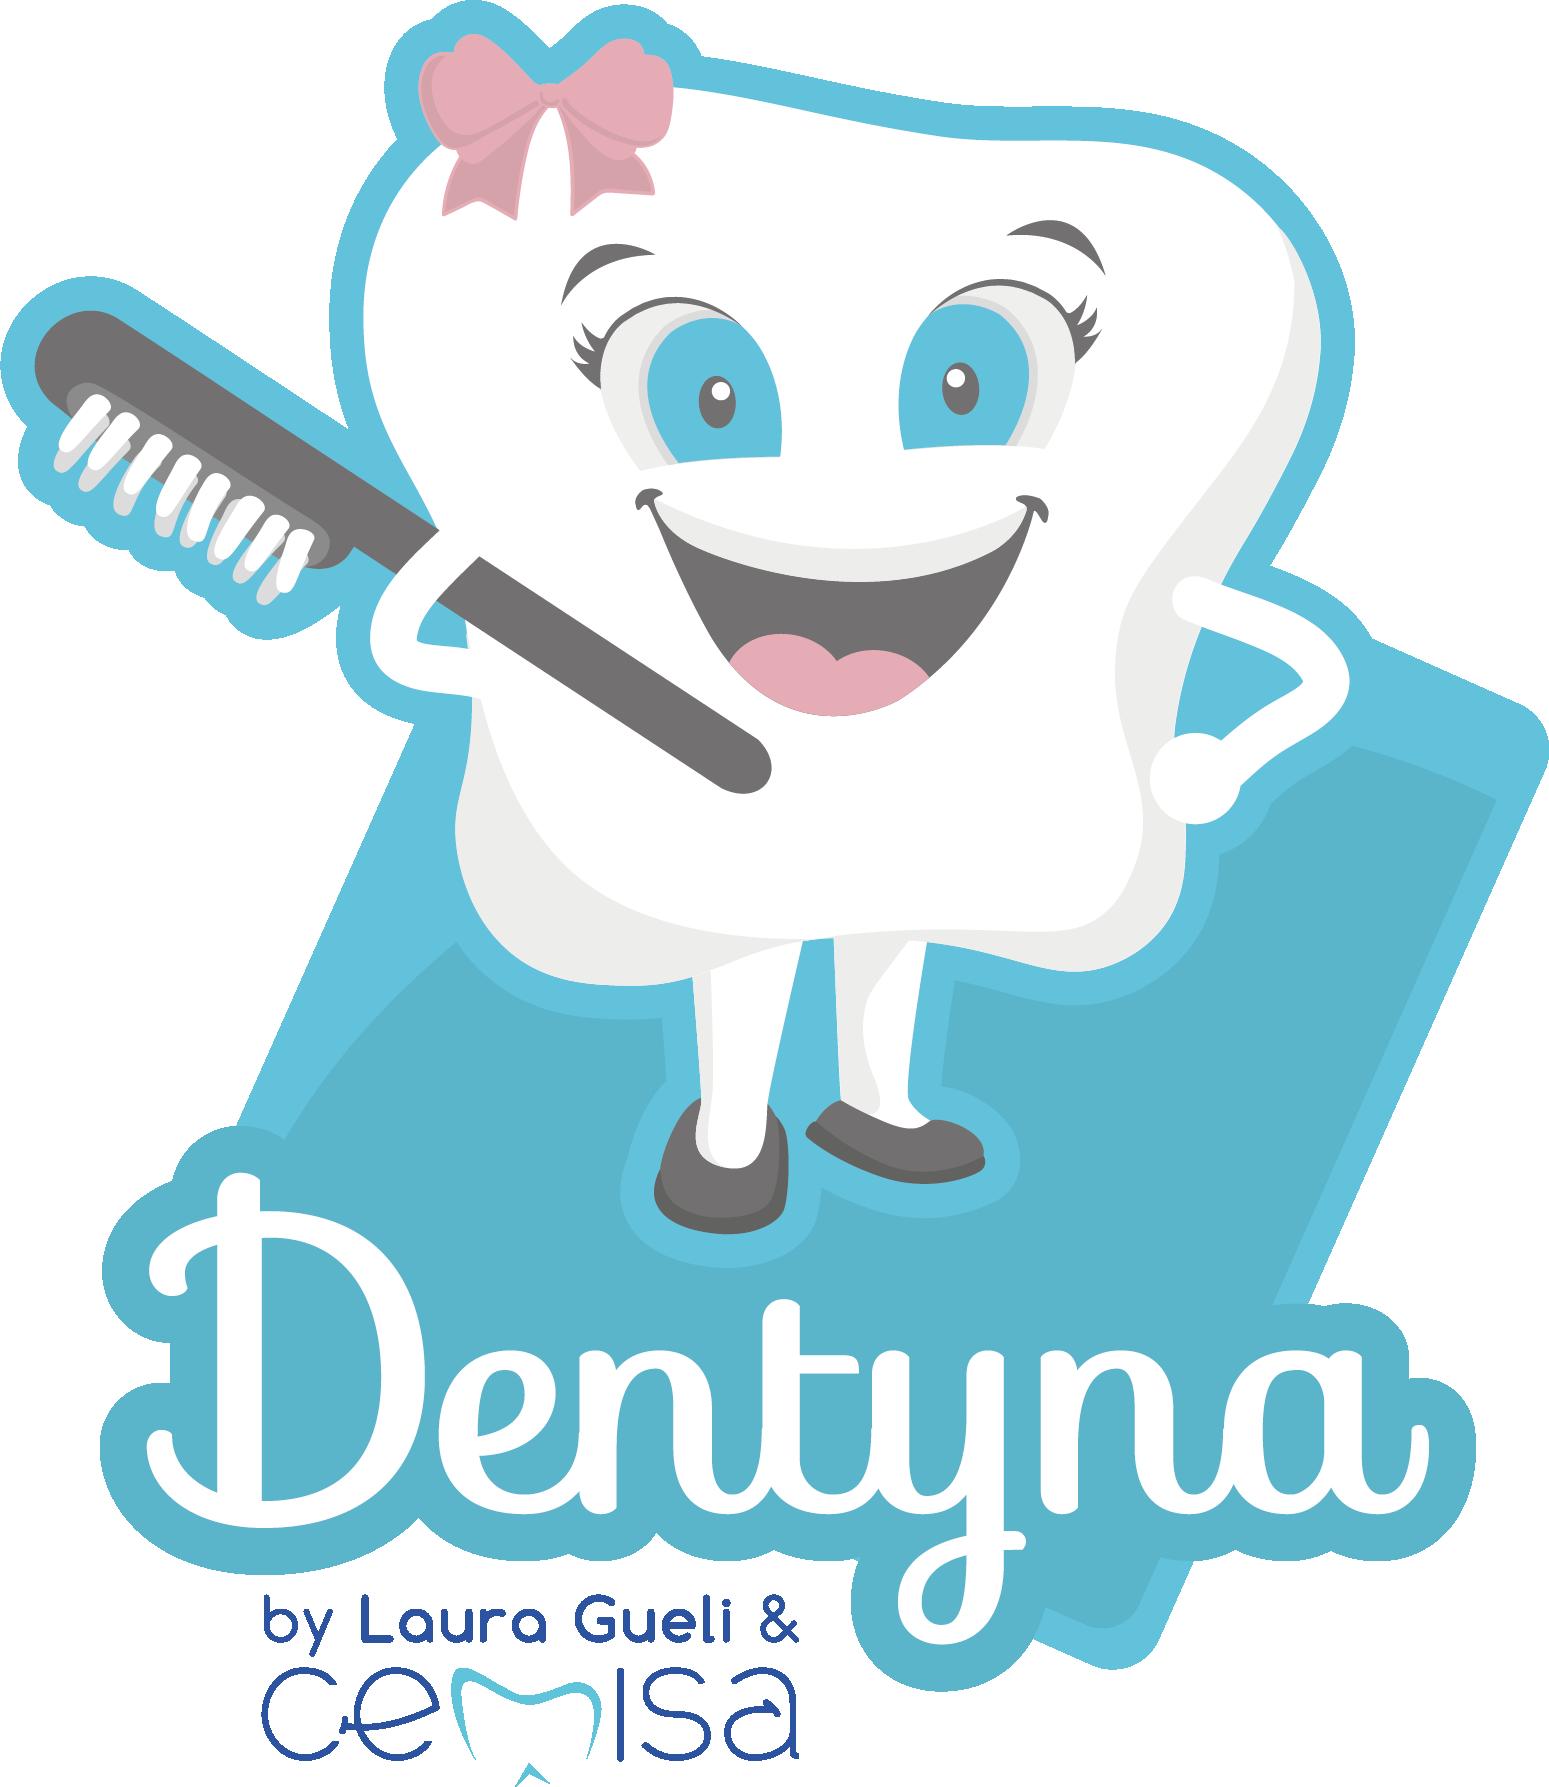 Dentyna-Studio Cemisa-Centro Medico-Torino